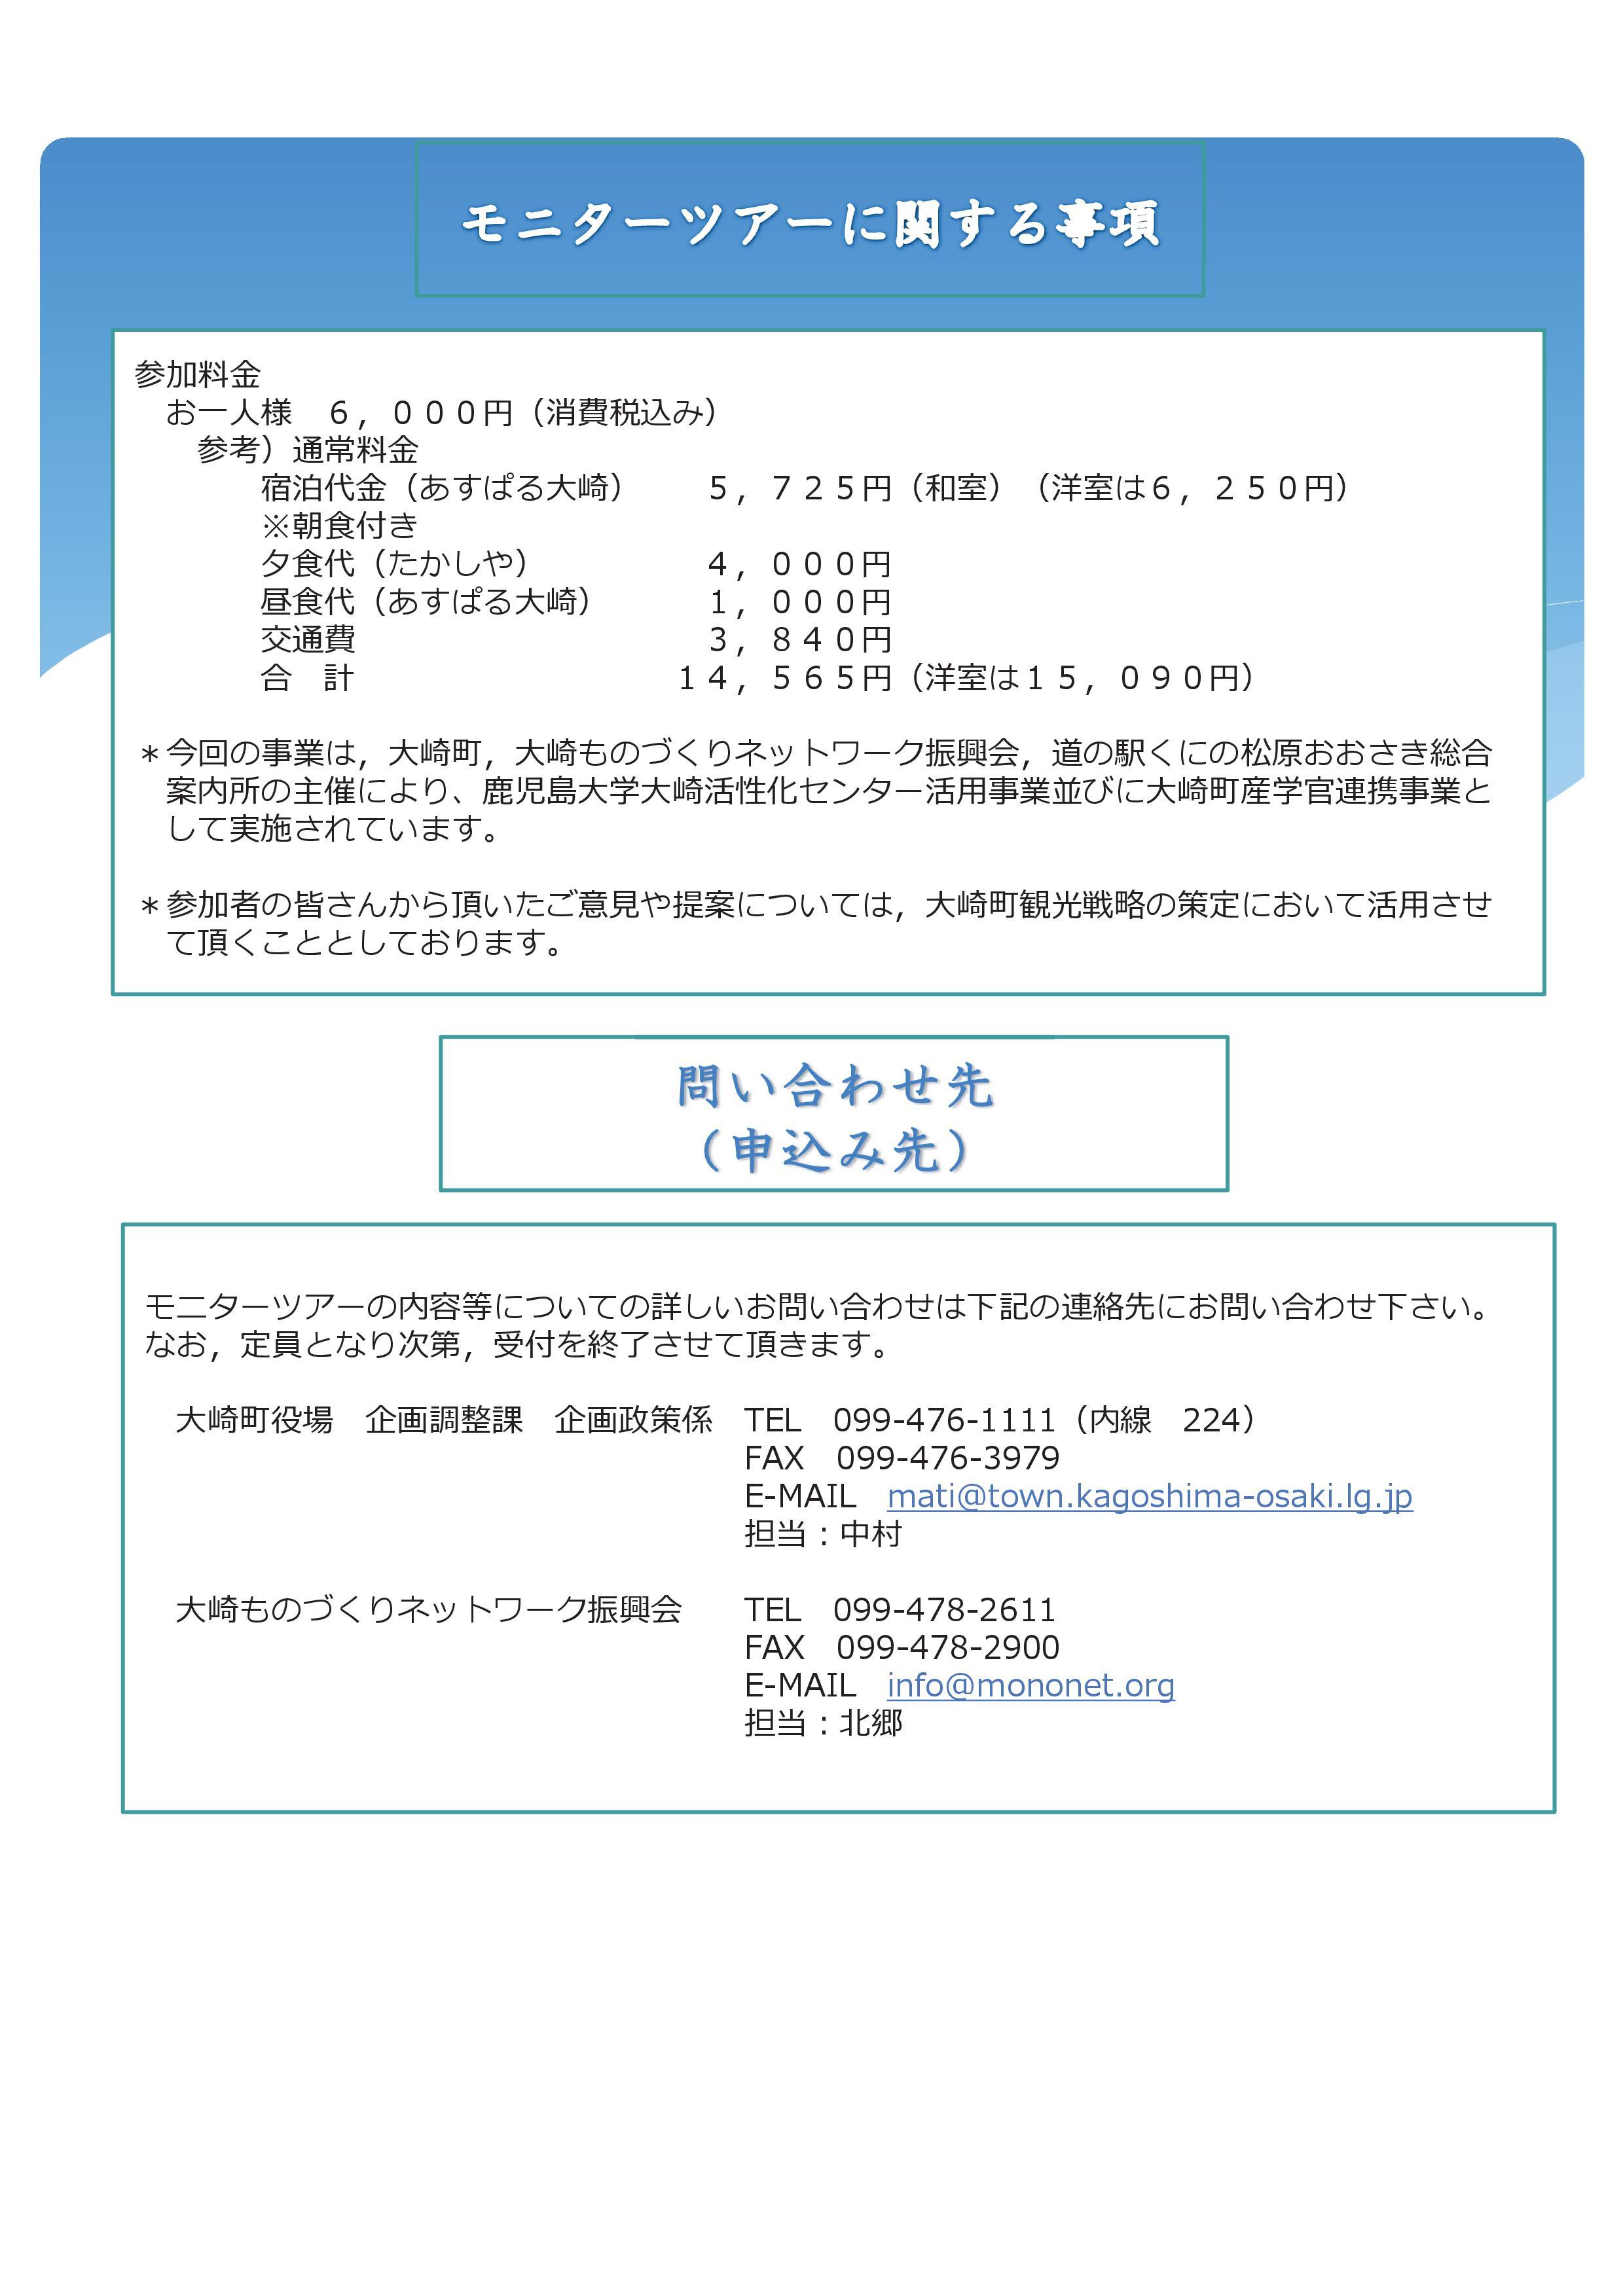 モニターツアーチラ1-006